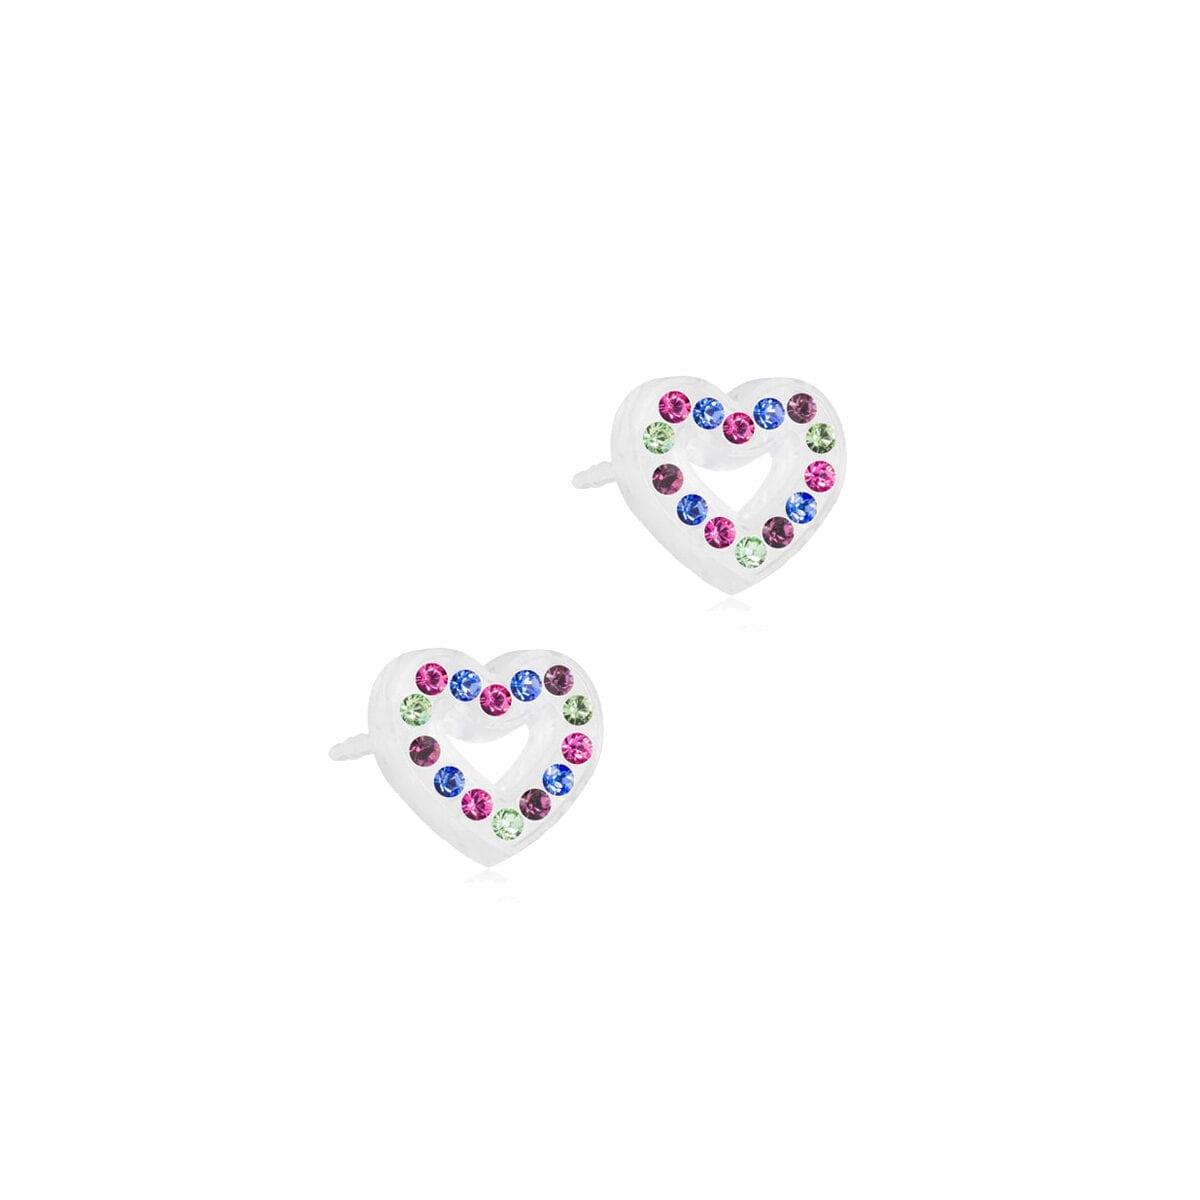 heart-earrings-blomdahls